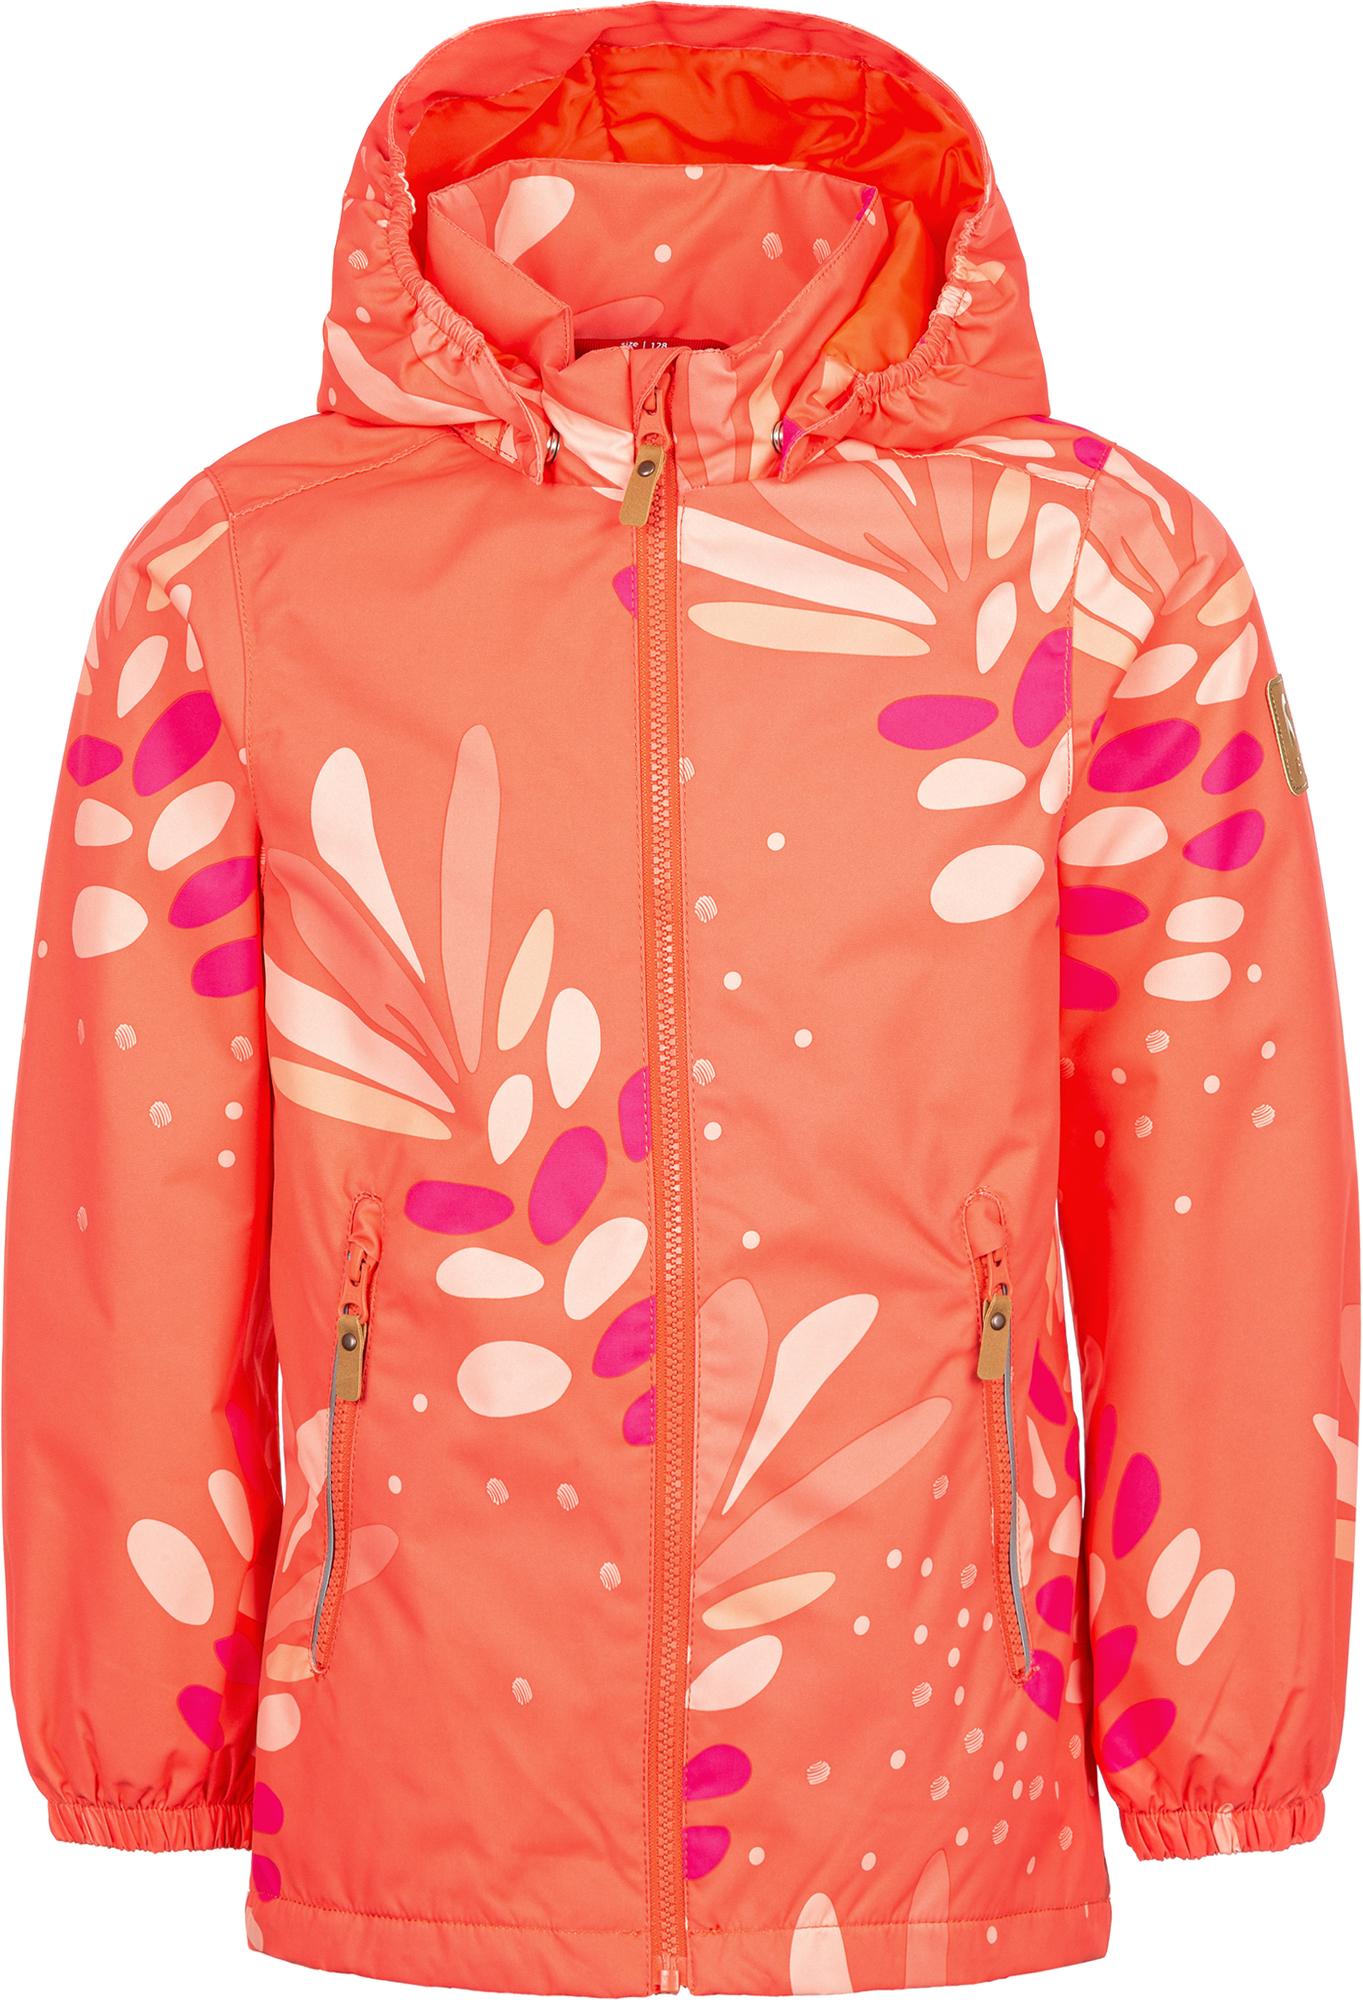 цена на Reima Куртка утепленная для девочек Reima Anise, размер 146